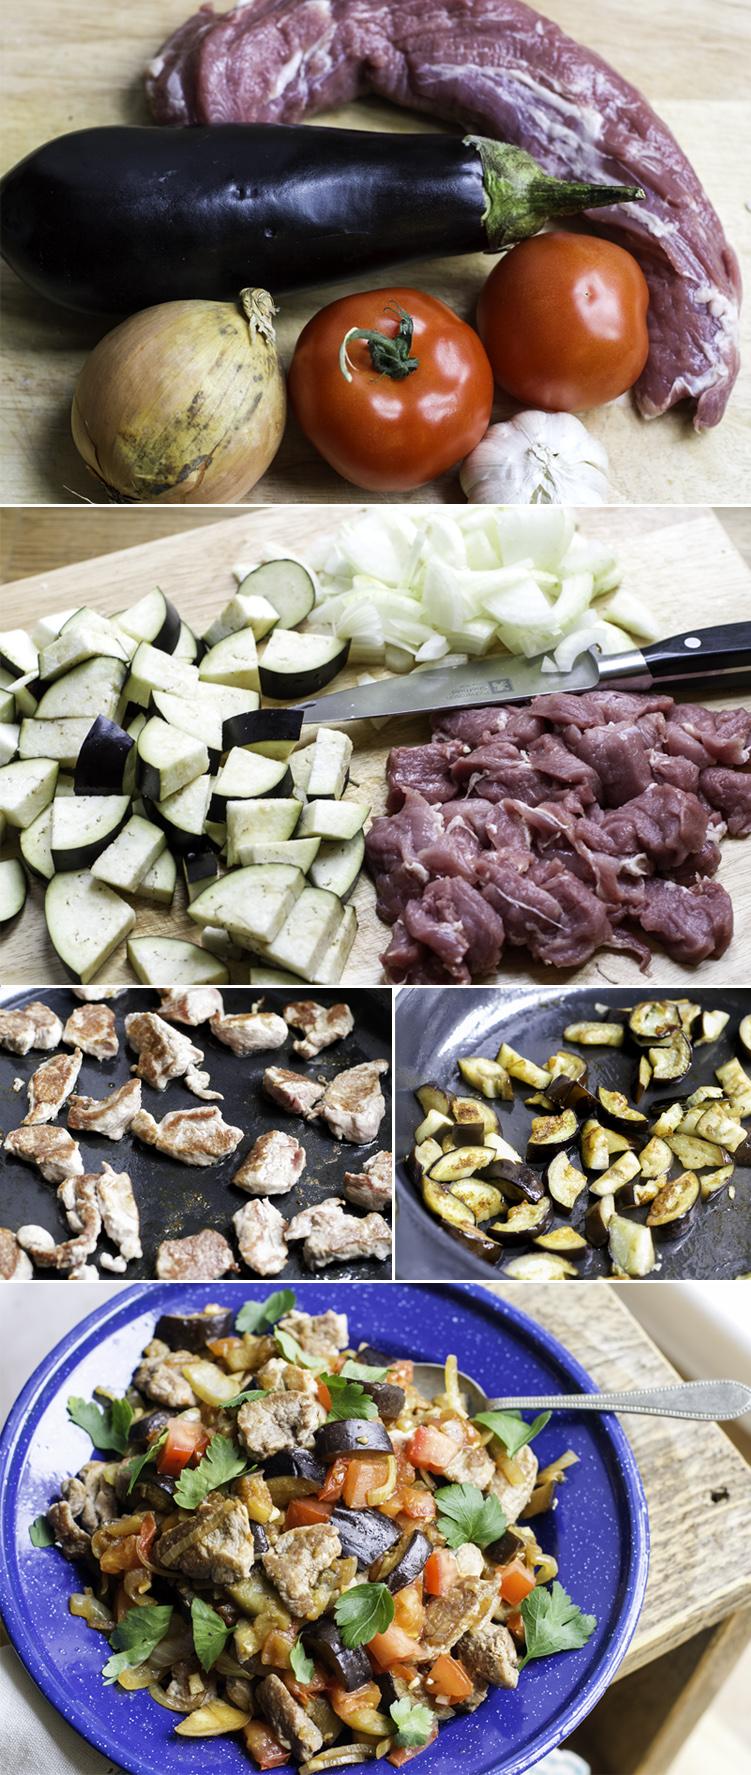 pork_eggplant_step_by_step